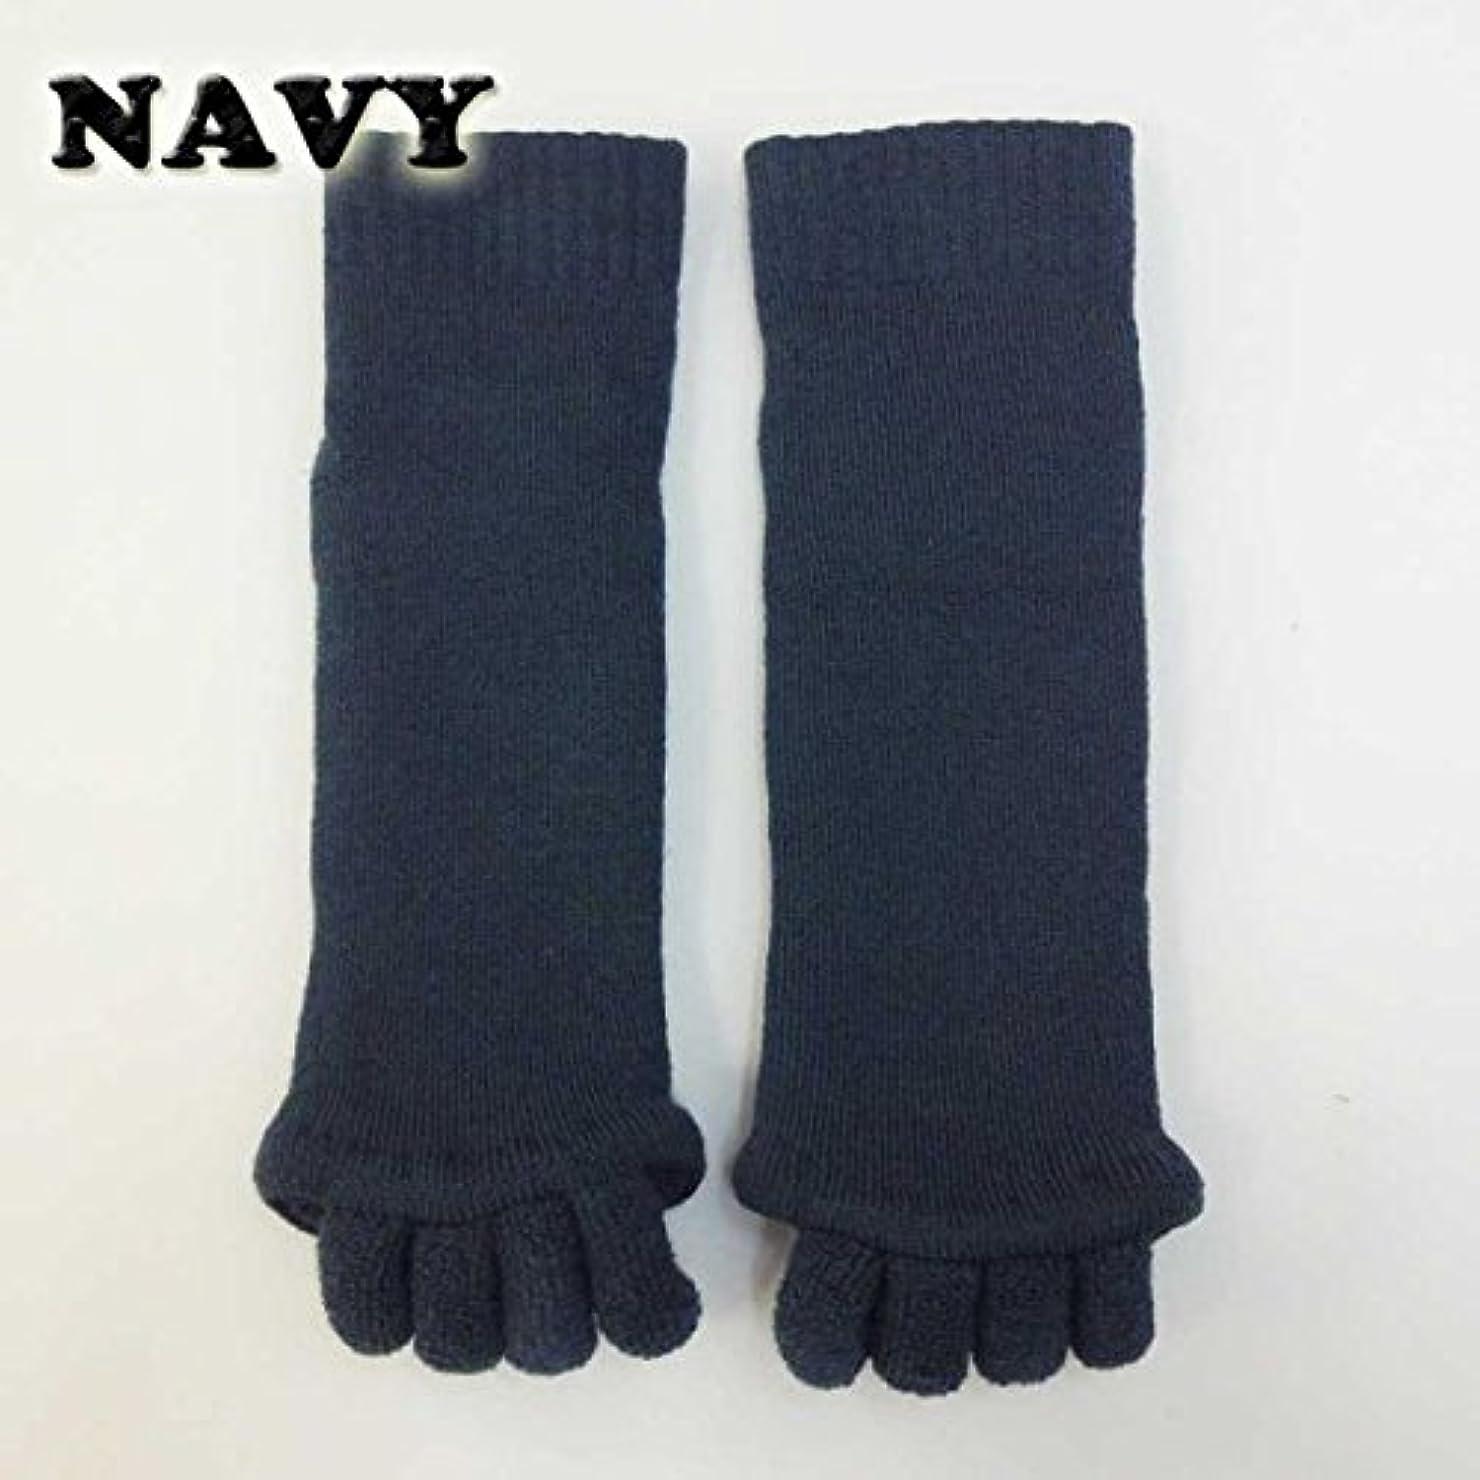 関連する予想外解き明かす足指開きソックス (左右1組) 履くだけ 簡単 フットケア リラックス むくみ (ネイビー)